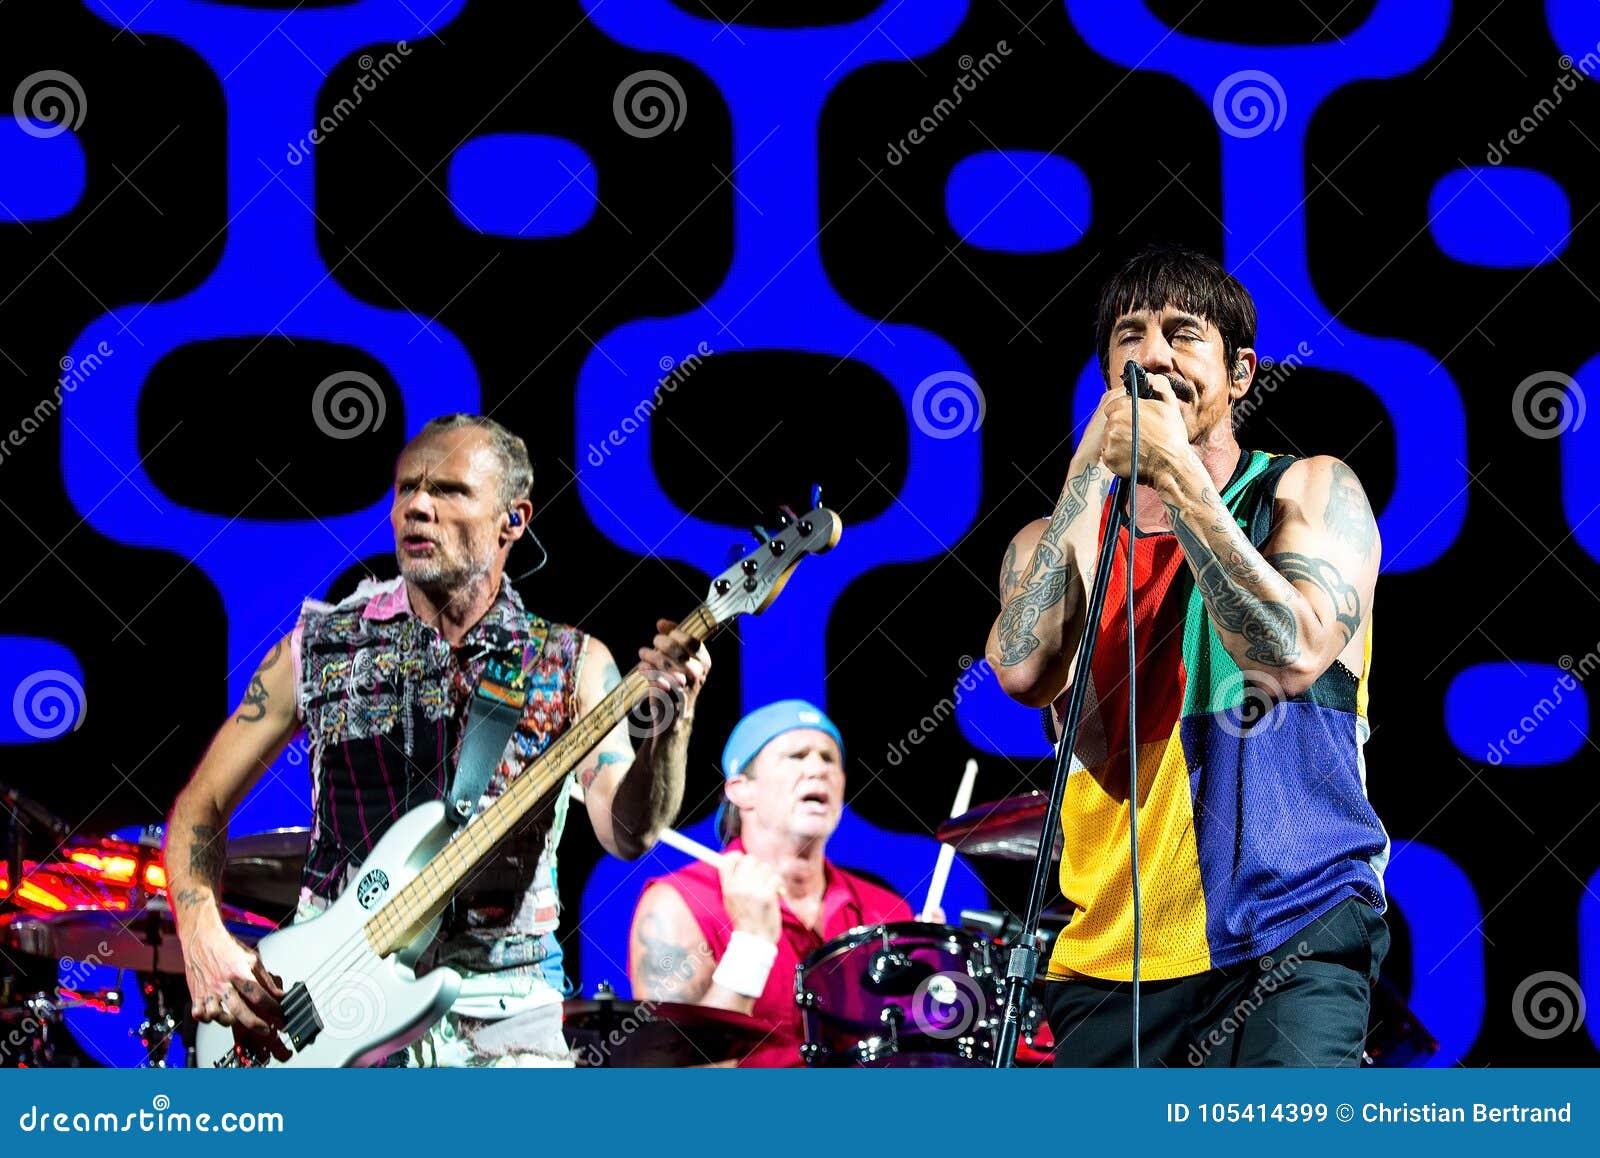 Den glödheta Chili Peppers musikmusikbandet utför i konsert på FIB festivalen